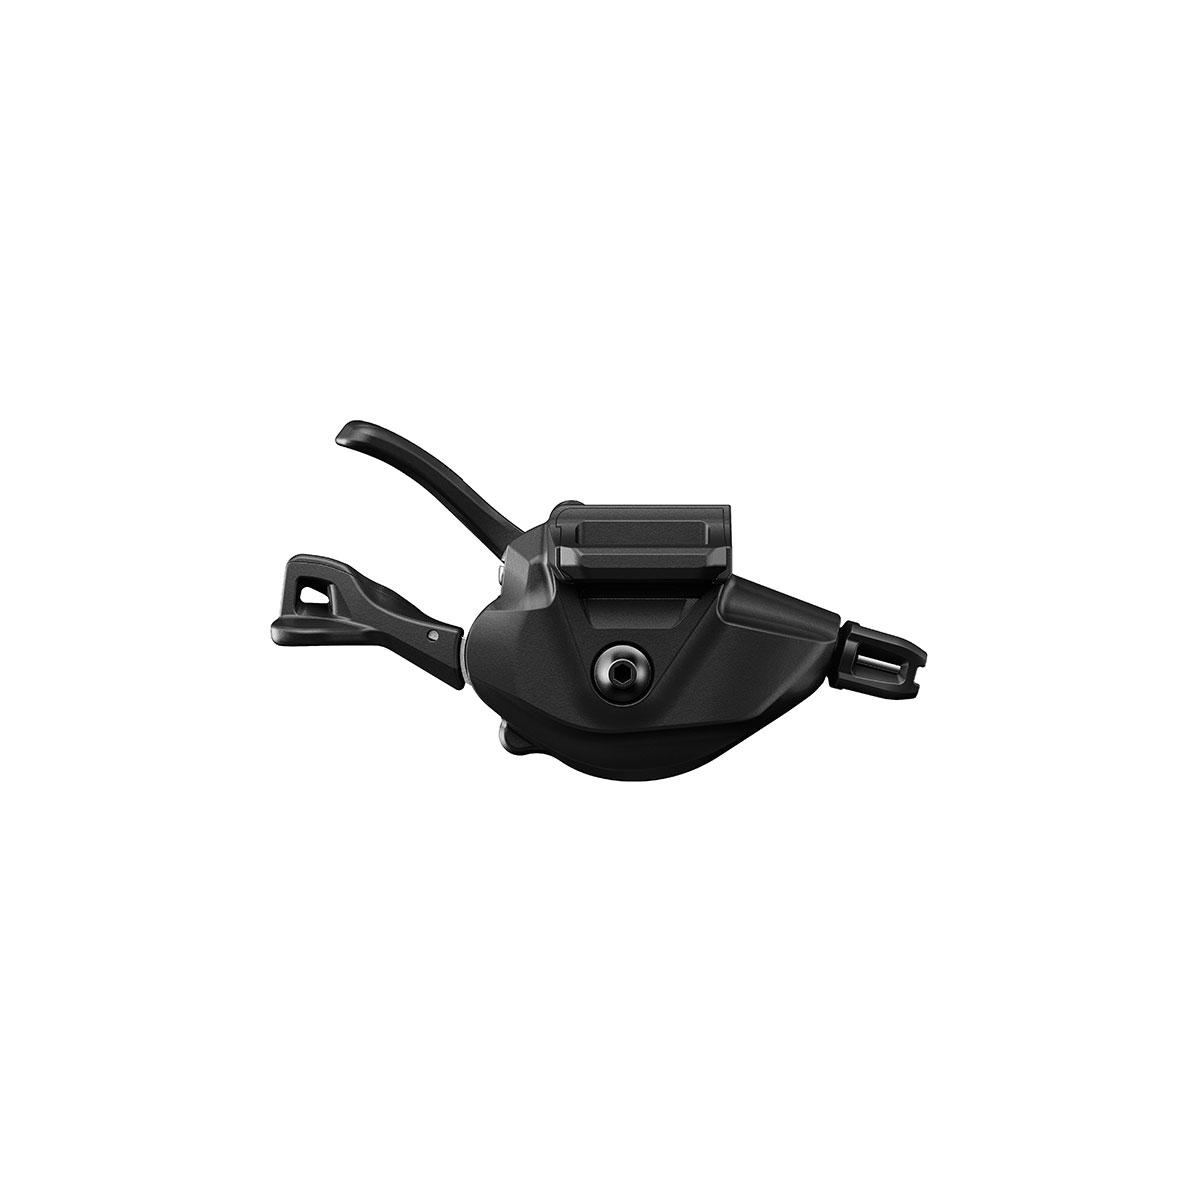 שיפטר ימני Shimano  XTR 12 Spd Right Shift Lever W/O OGD